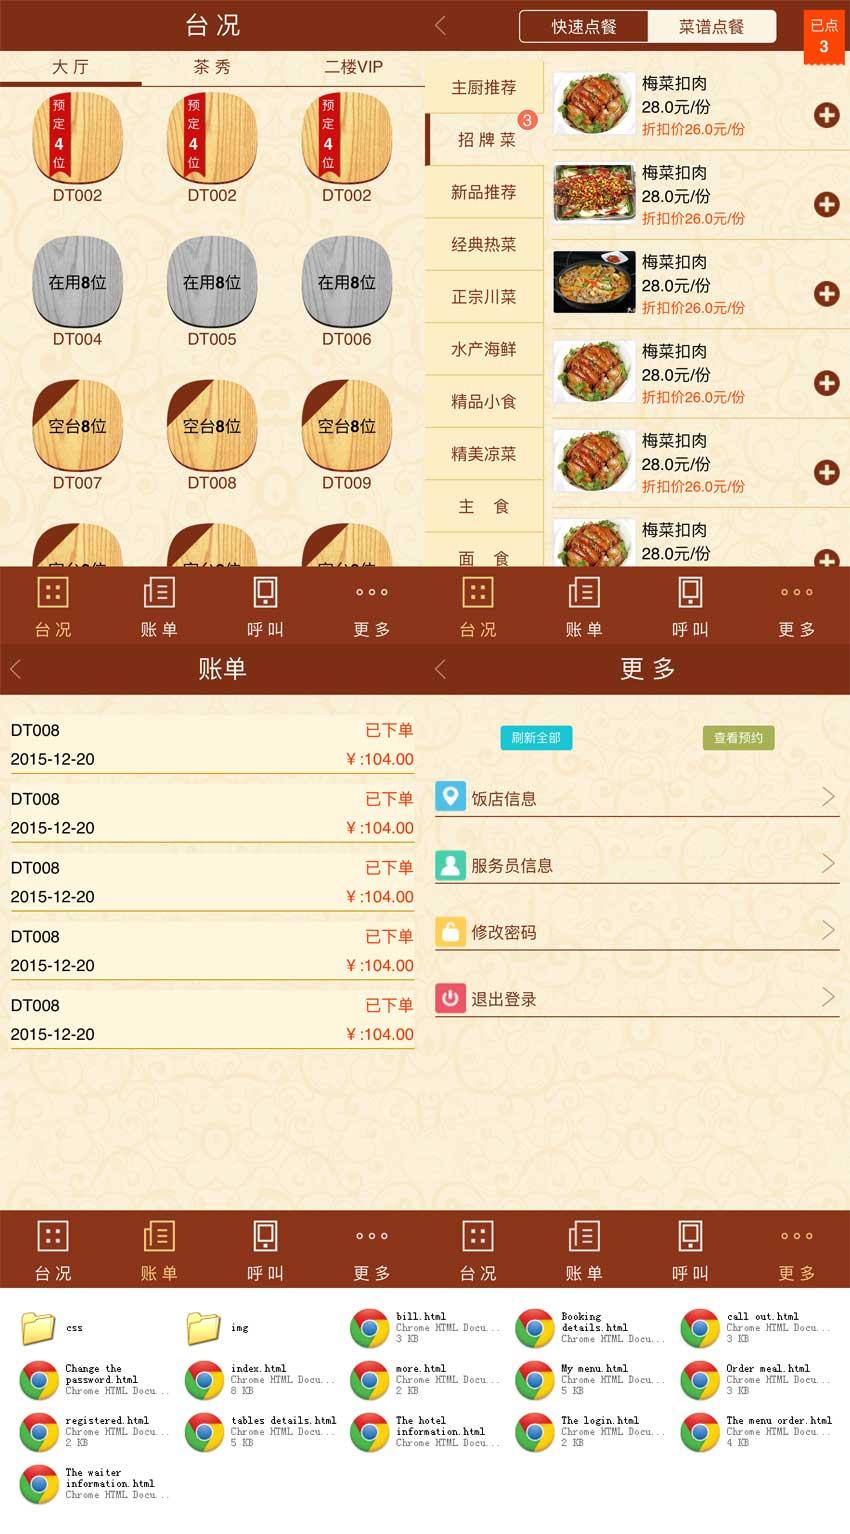 点餐系统手机模板,微信点餐系统模板,点餐HTML